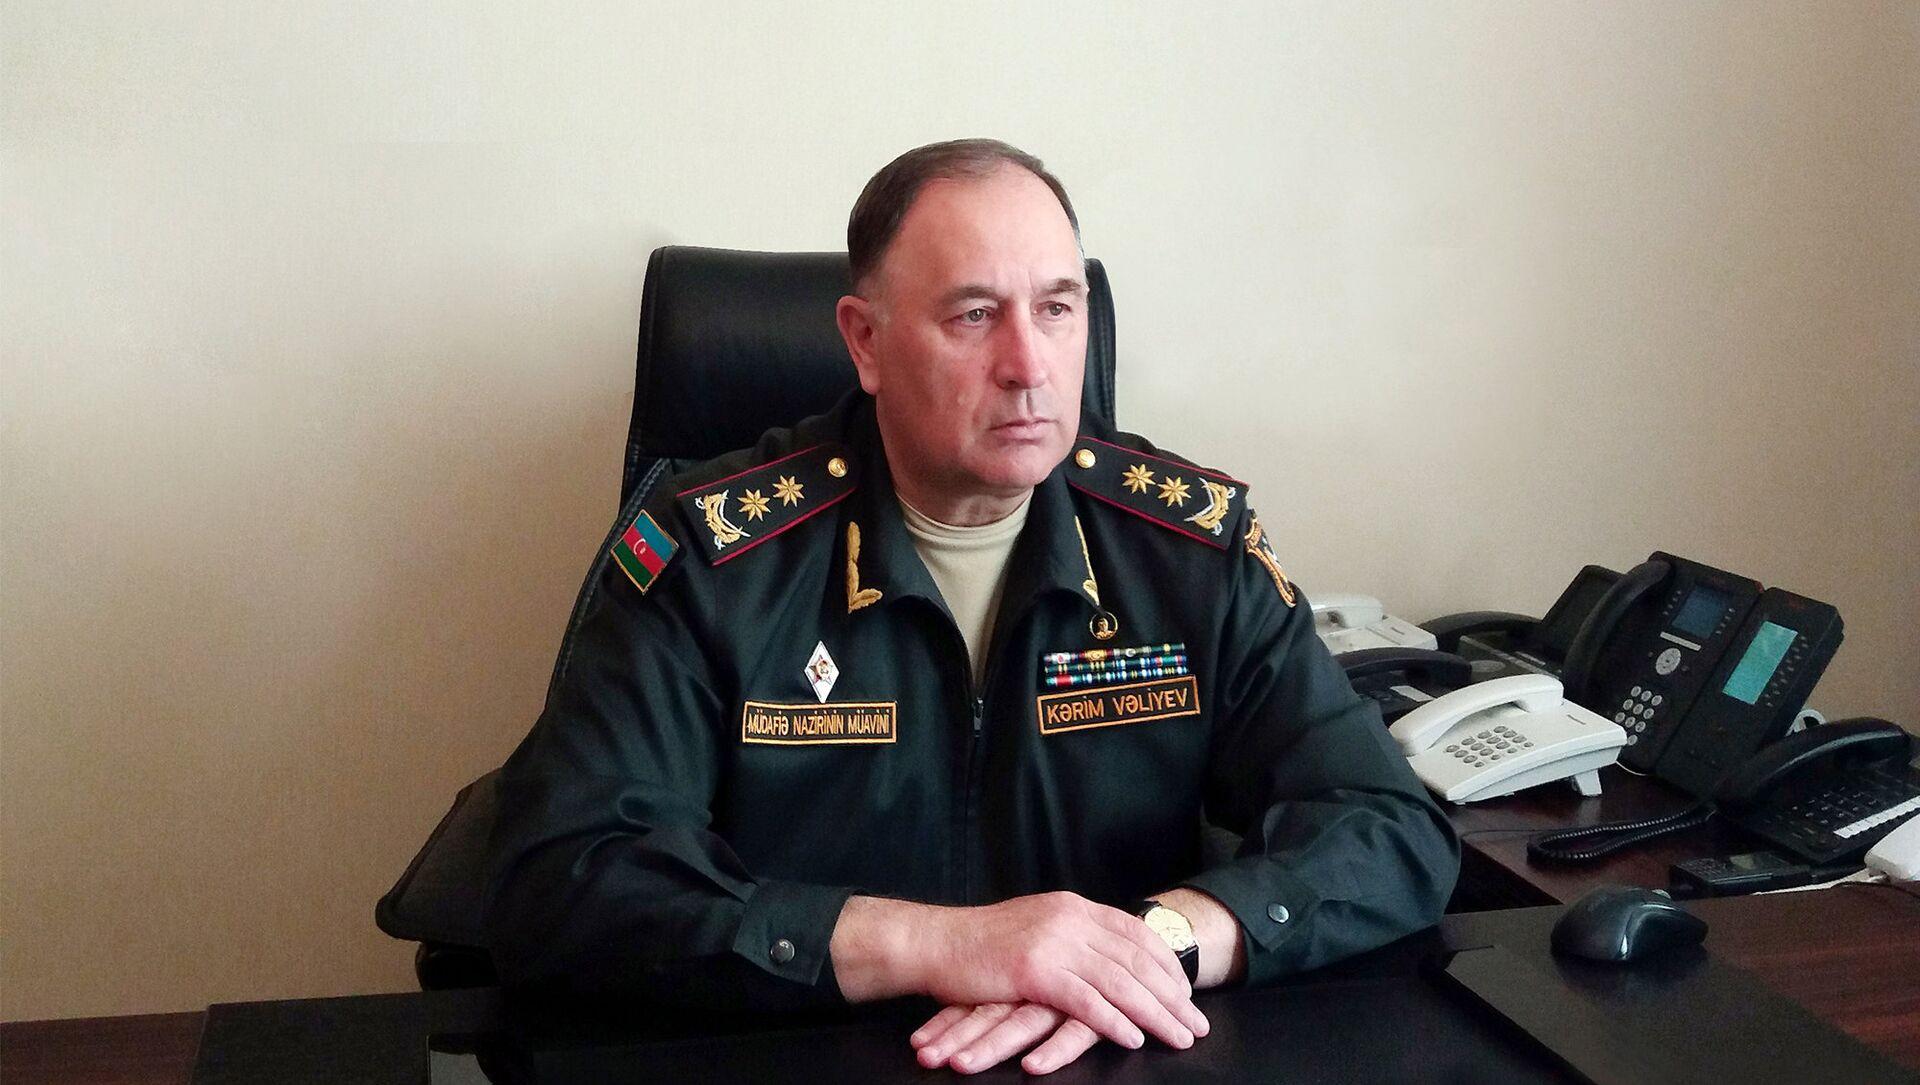 Azərbaycan müdafiə nazirinin müavini general-leytenant Kərim Vəliyev  - Sputnik Азербайджан, 1920, 23.07.2021